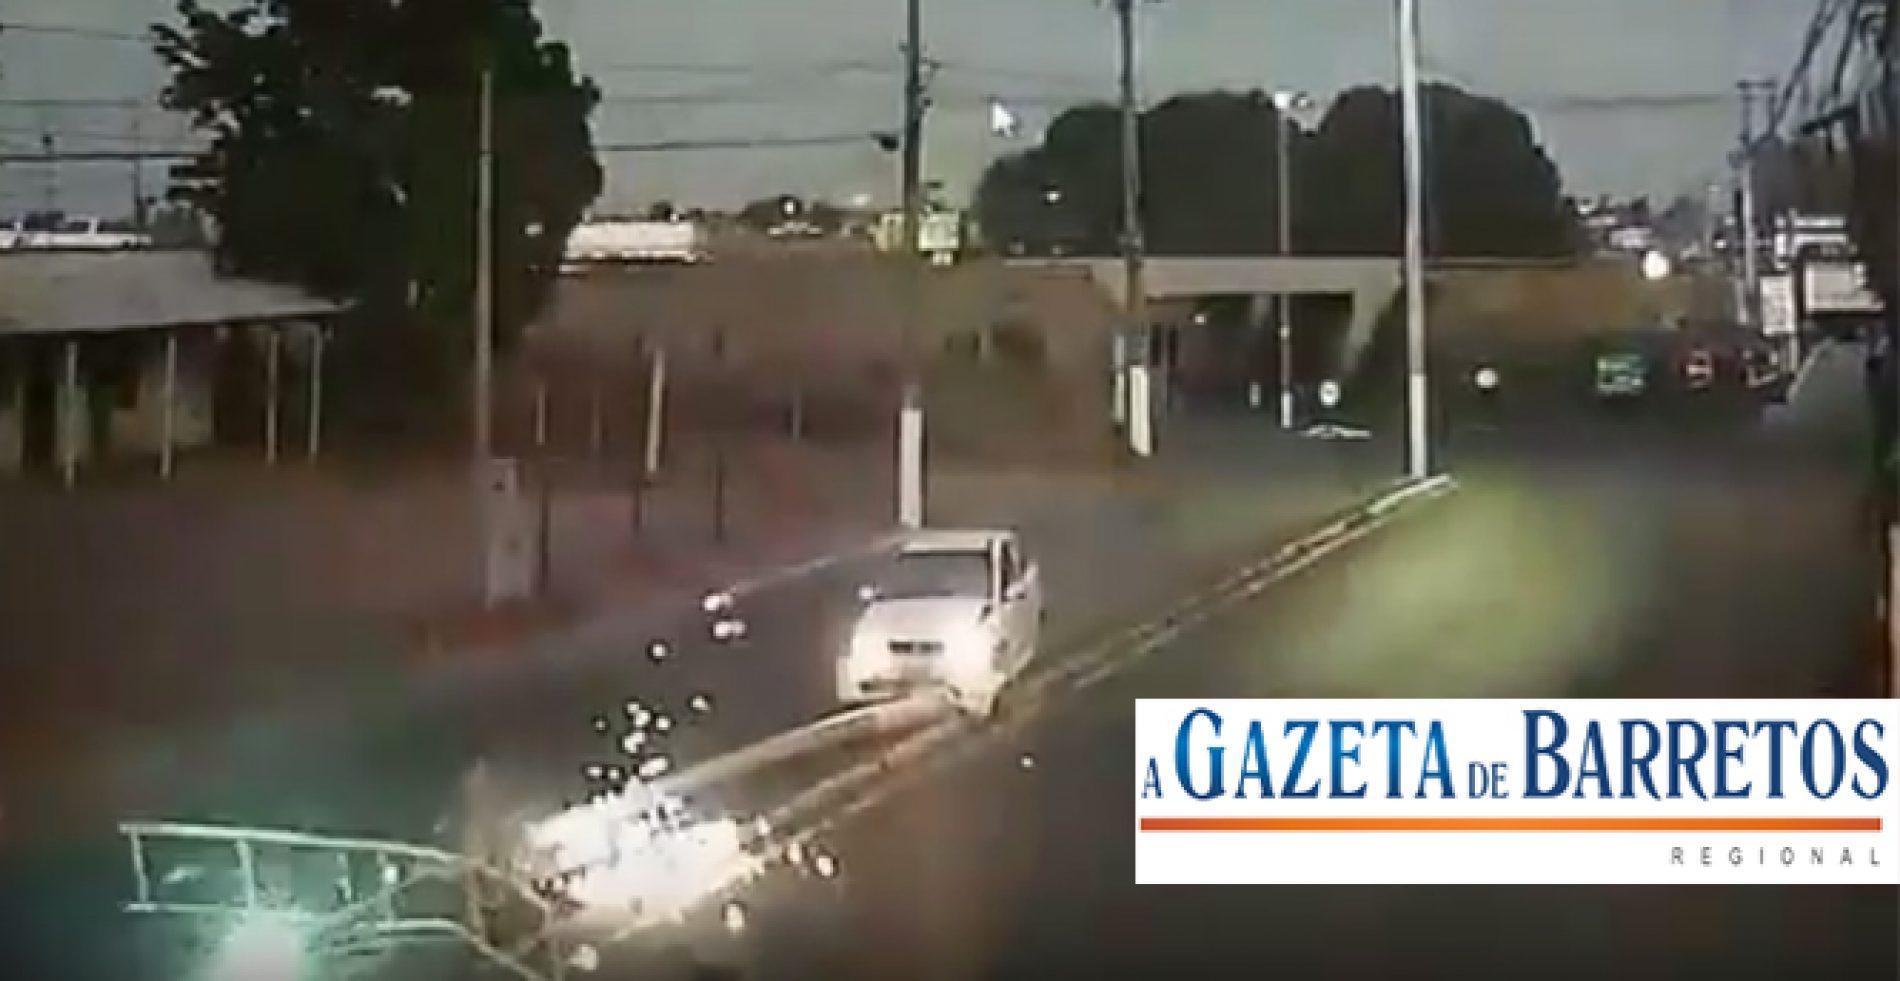 Vídeo mostra motorista atingindo e derrubando super poste em Barretos.